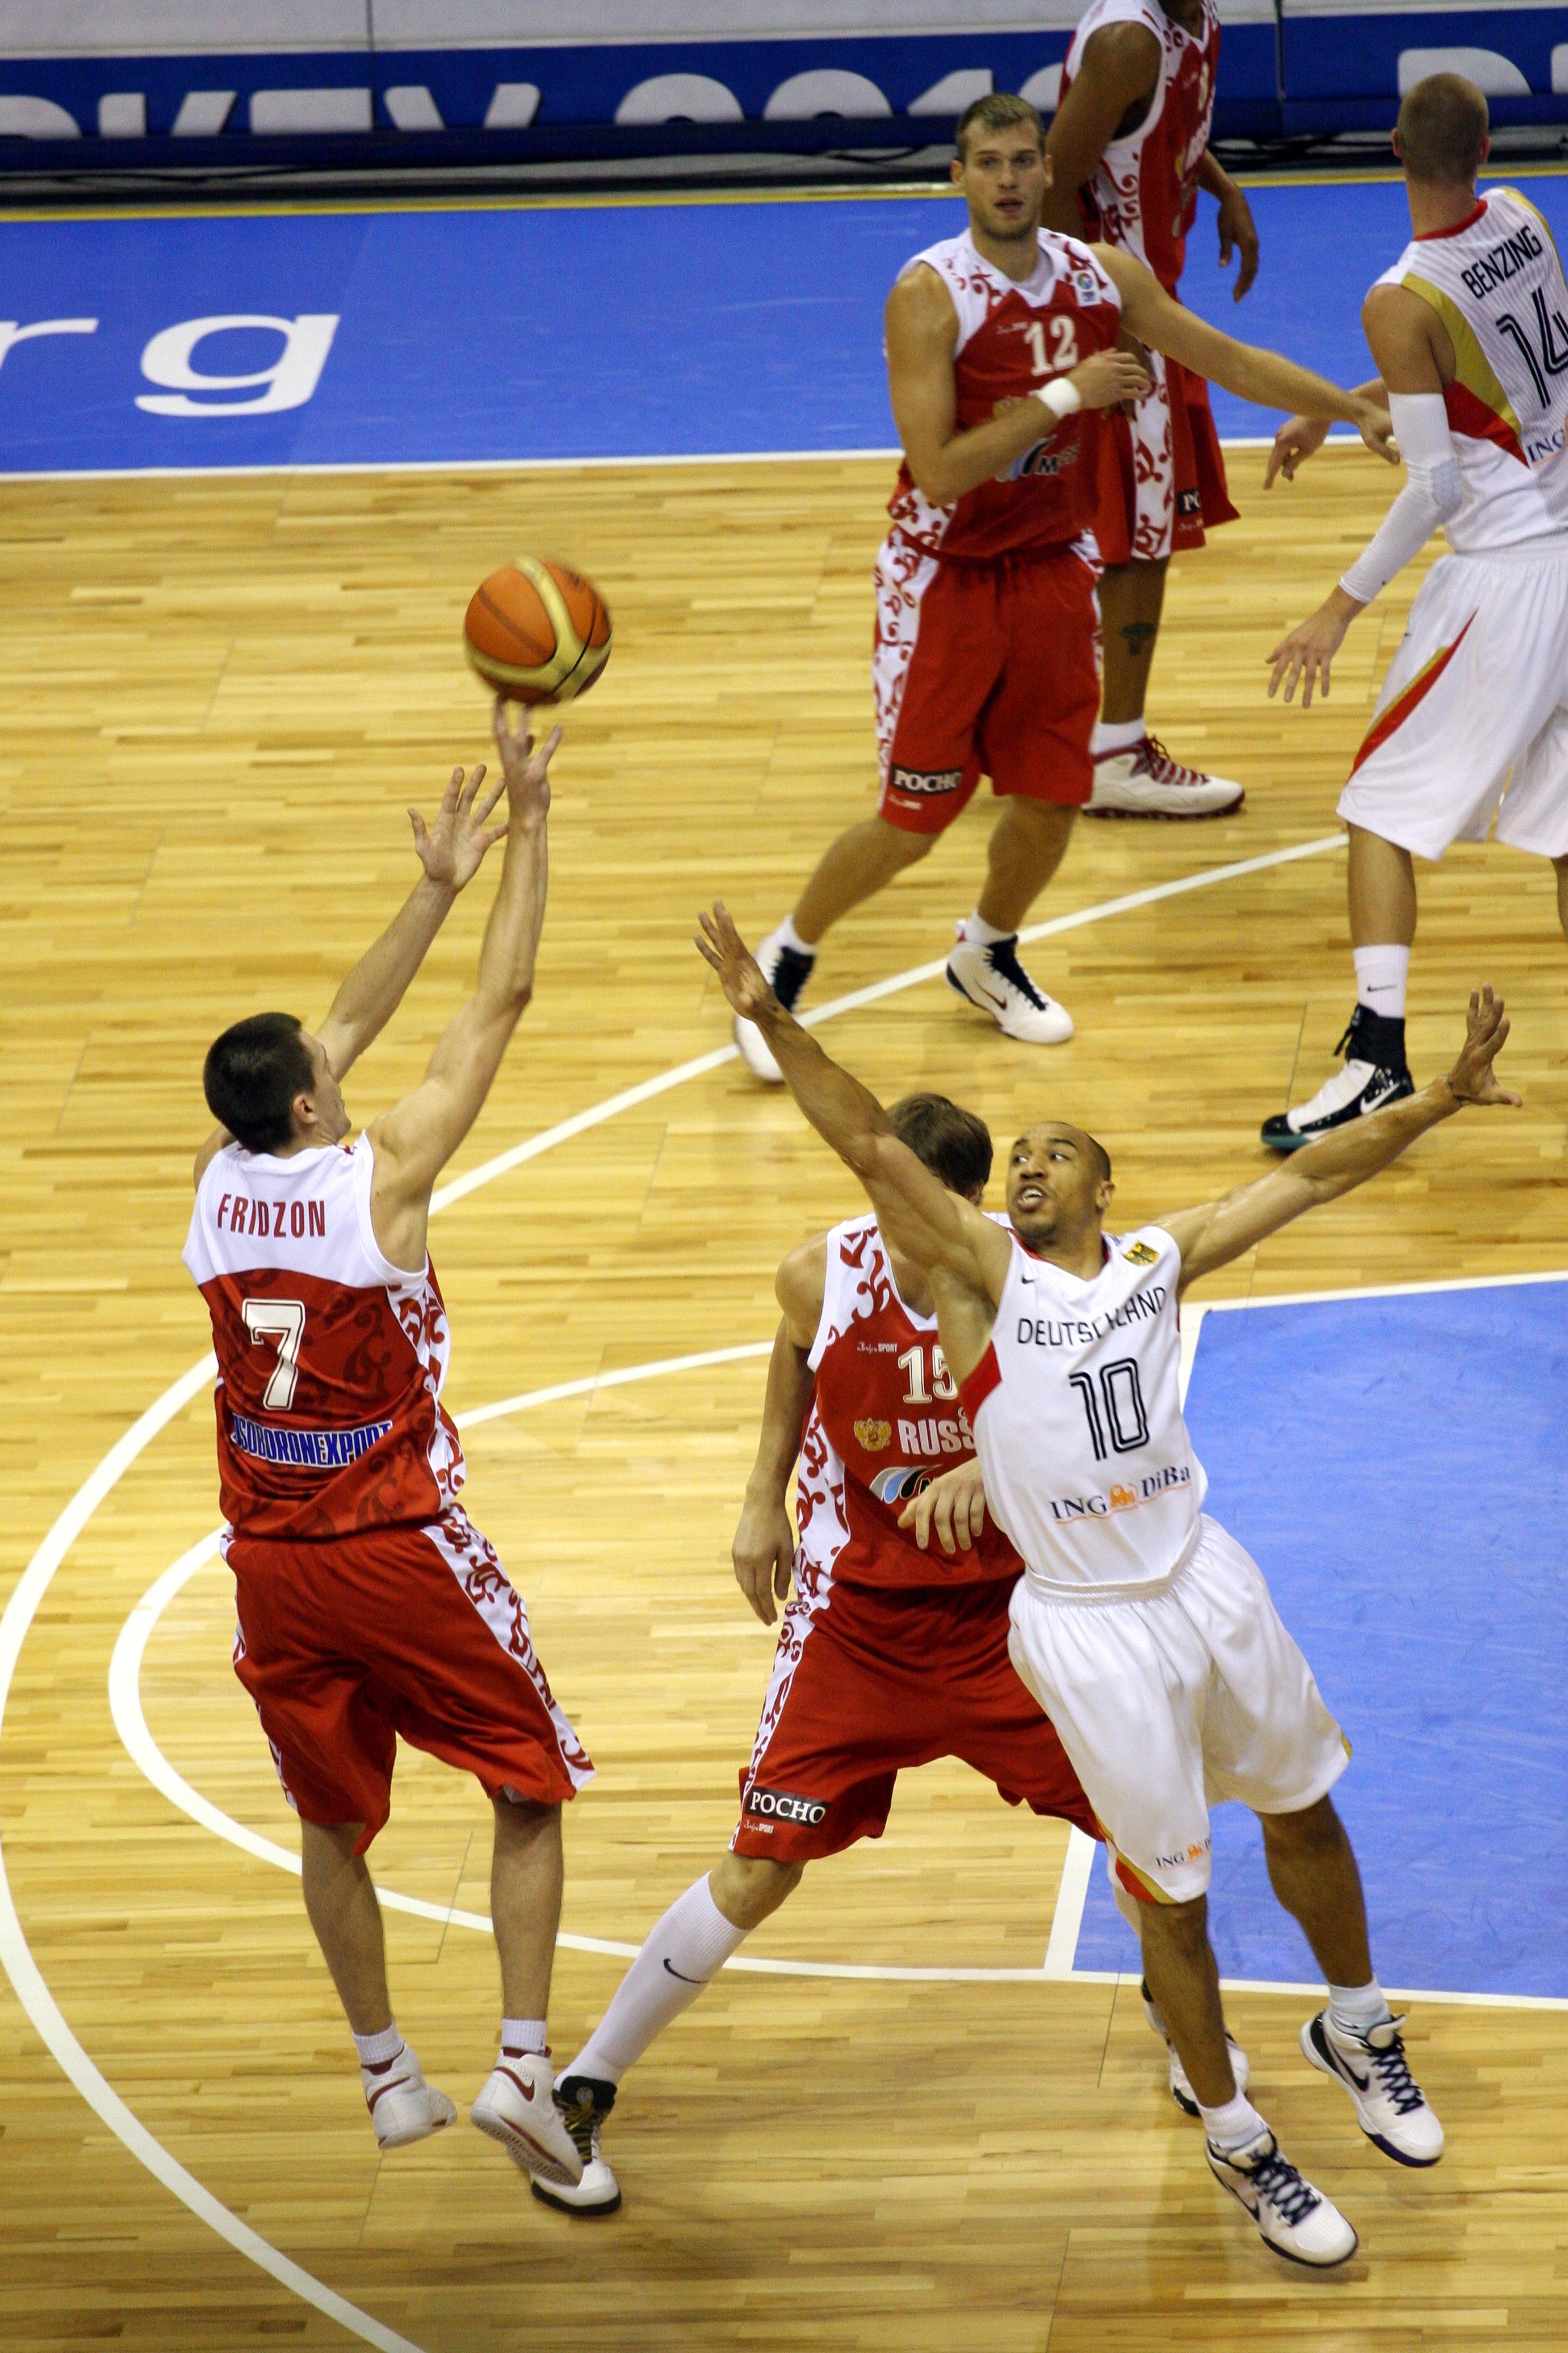 Реферат на тему баскетбол в россии 4774